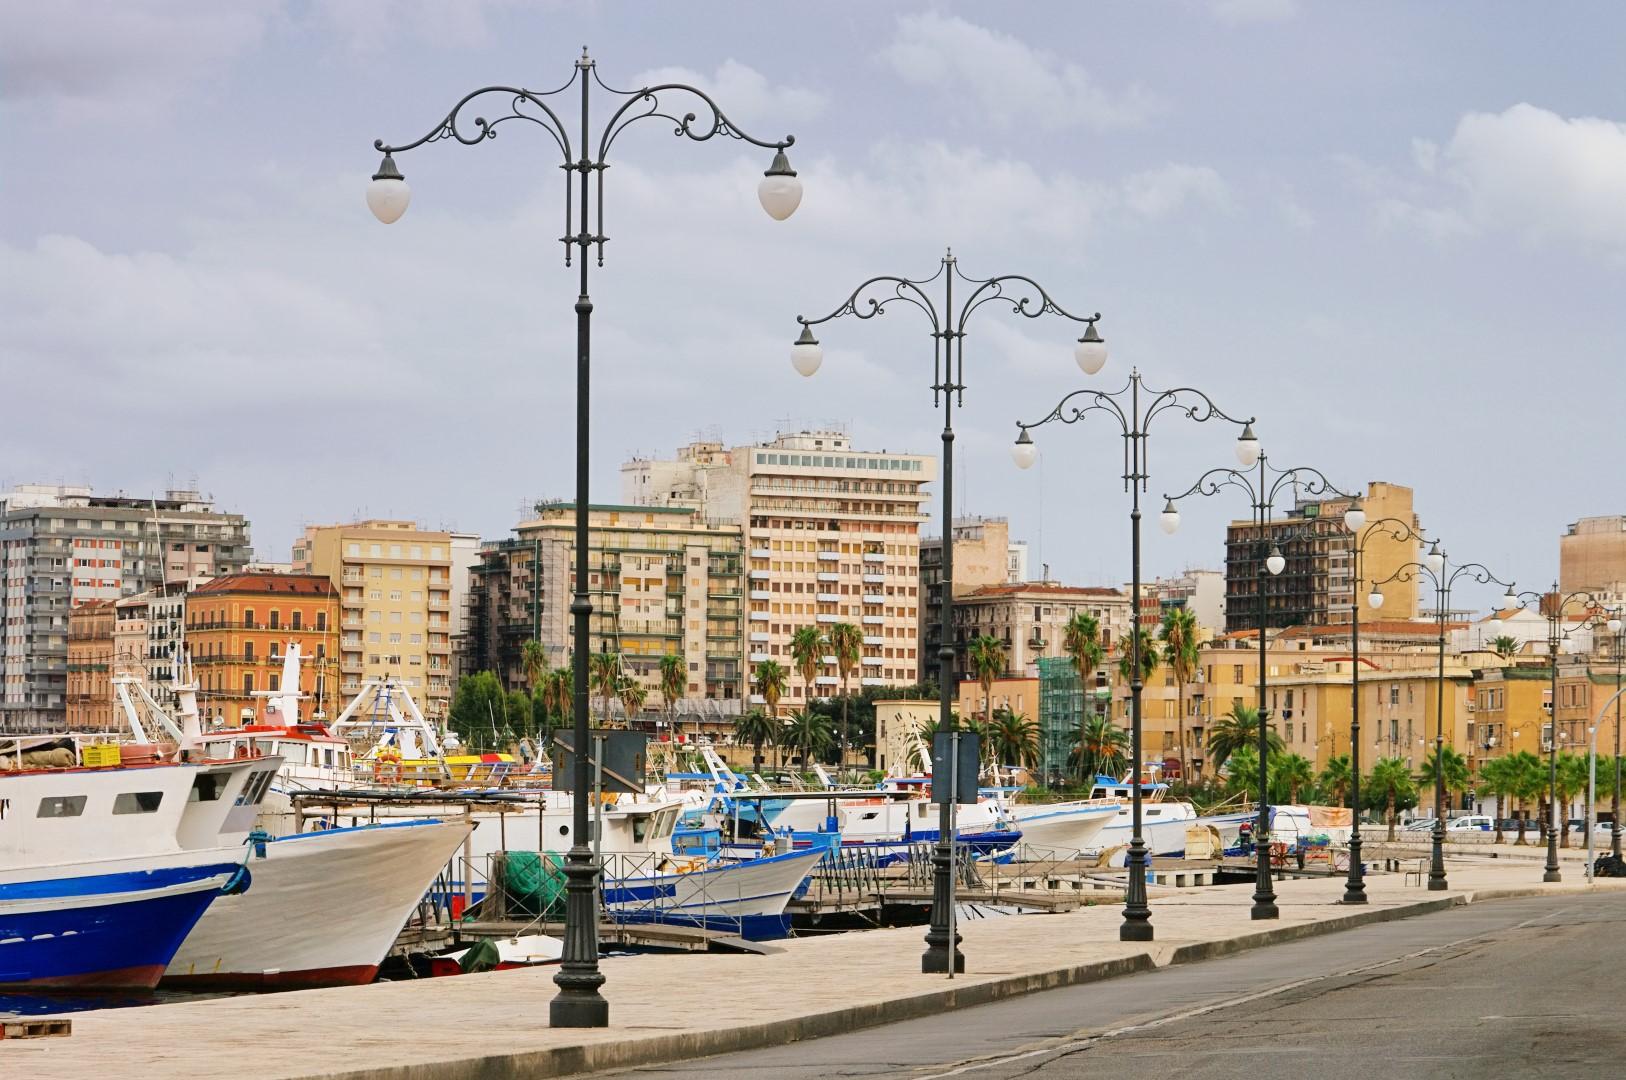 Italy_Apulia_Taranto